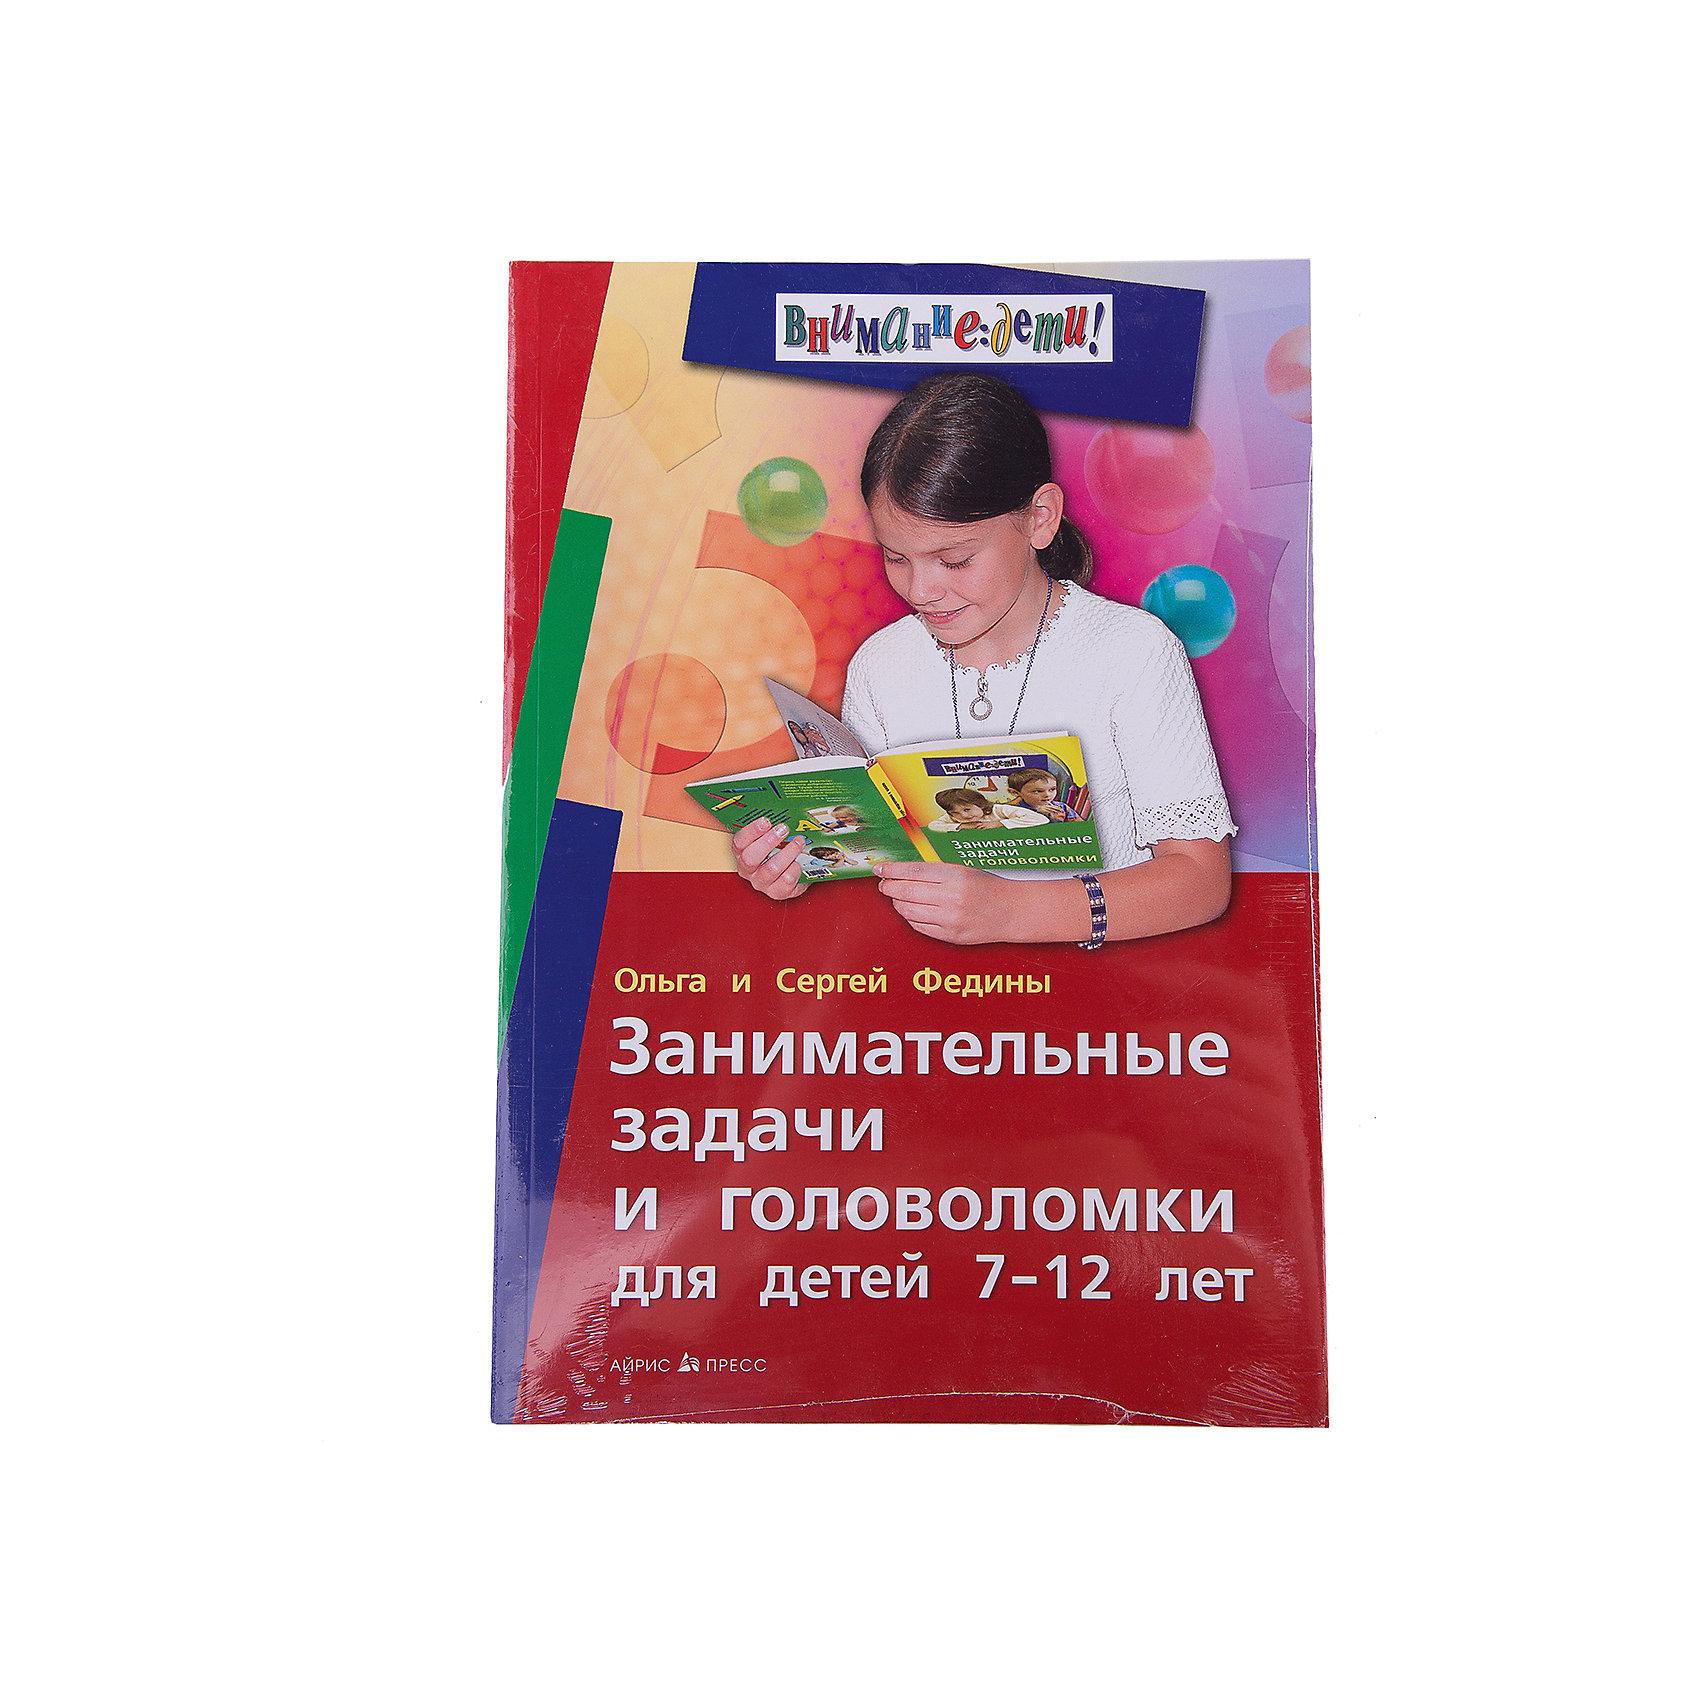 Занимательные задачи и головоломки для детей 7-12 лет, Федин С., Федина О.Тесты и задания<br>Общение с этой книгой наверняка доставит ребёнку много радостных минут. Занимательные задания, которые в ней собраны, написаны с юмором и развивают самые разные стороны интеллекта: логическое и ассоциативное мышление, внимание, сообразительность, умение нестандартно мыслить. Ребёнку предстоит найти логические ошибки в тексте, распутать переплетённые линии, составить фоторобот преступника, дописать окончание анекдотов или часть пословиц, найти отличия на картинках, ответить на шуточные вопросы.&#13;<br>Книга адресована  родителям и школьным учителям для занятий с детьми 7-12 лет.<br><br>Ширина мм: 10<br>Глубина мм: 165<br>Высота мм: 235<br>Вес г: 153<br>Возраст от месяцев: 84<br>Возраст до месяцев: 144<br>Пол: Унисекс<br>Возраст: Детский<br>SKU: 6849664